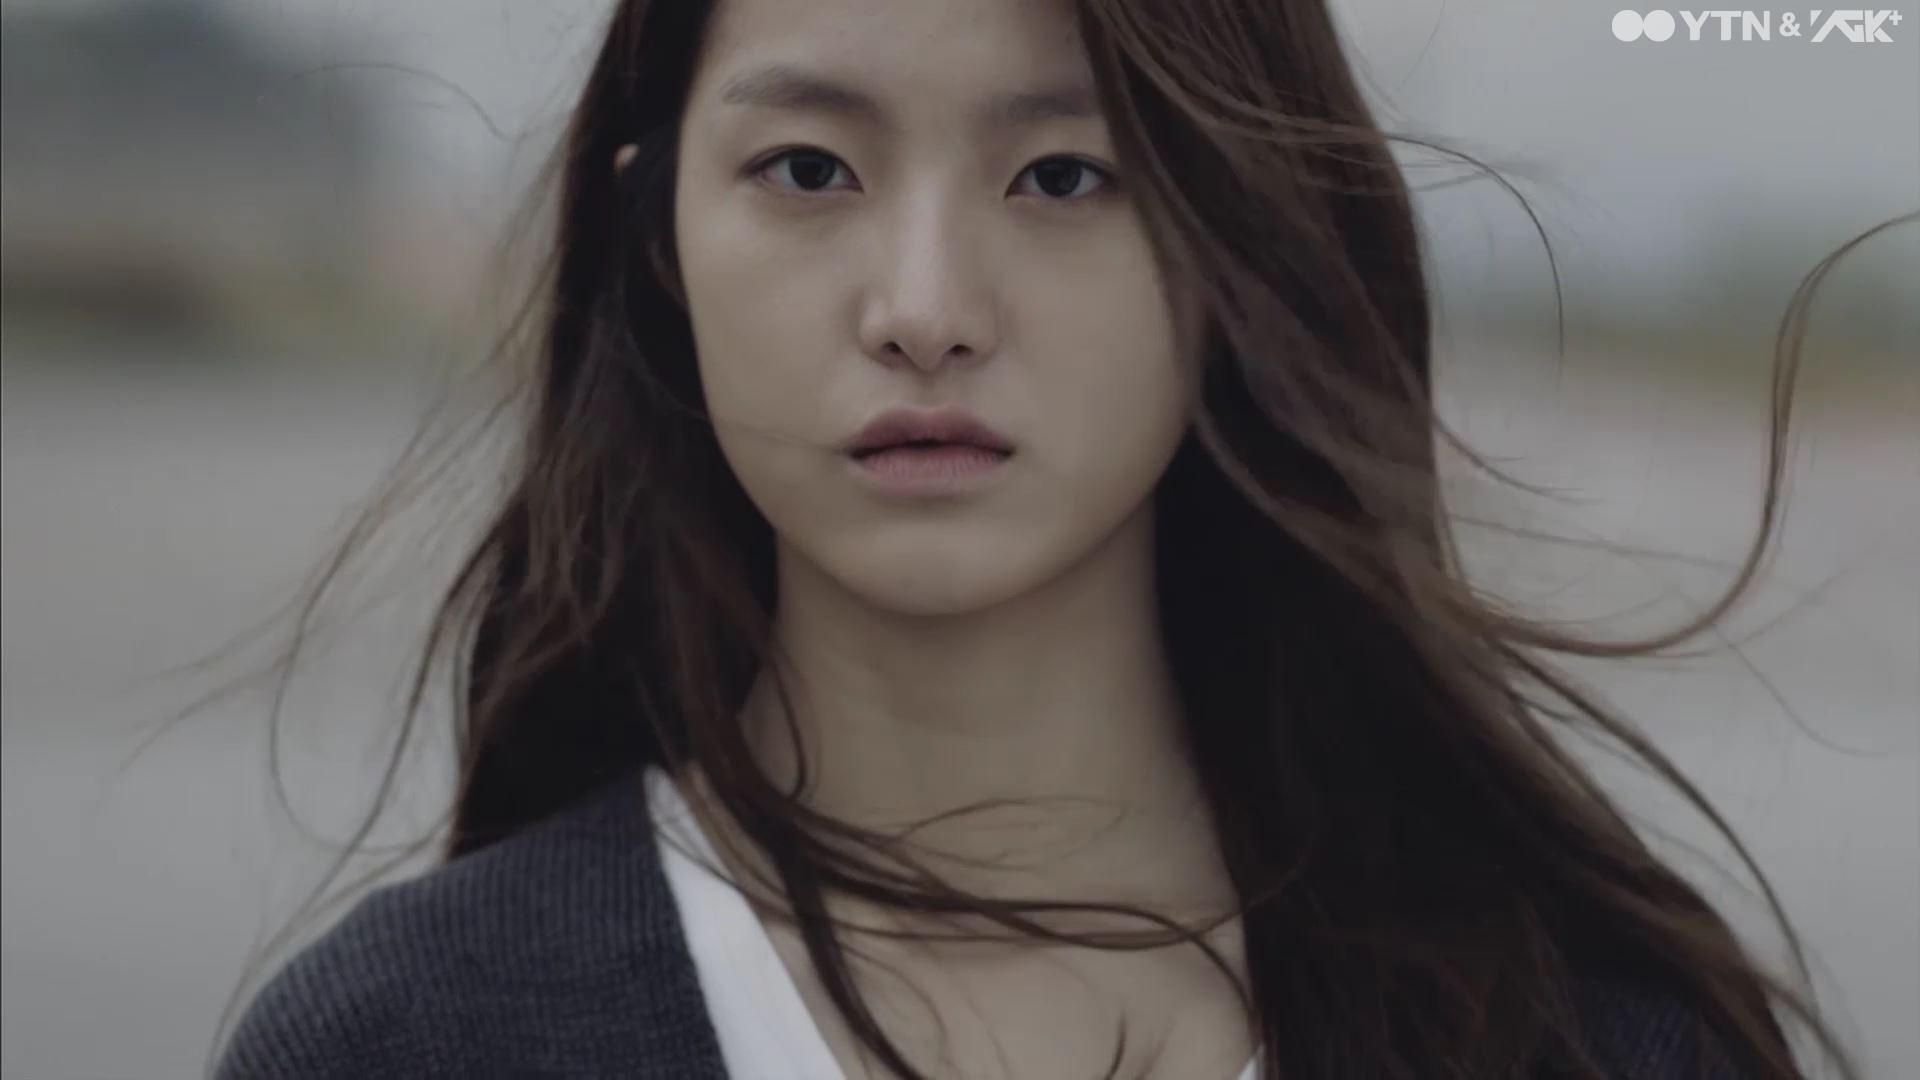 모델 이하은, 정승환 '이 바보야' MV에서 청초한 미모 눈길